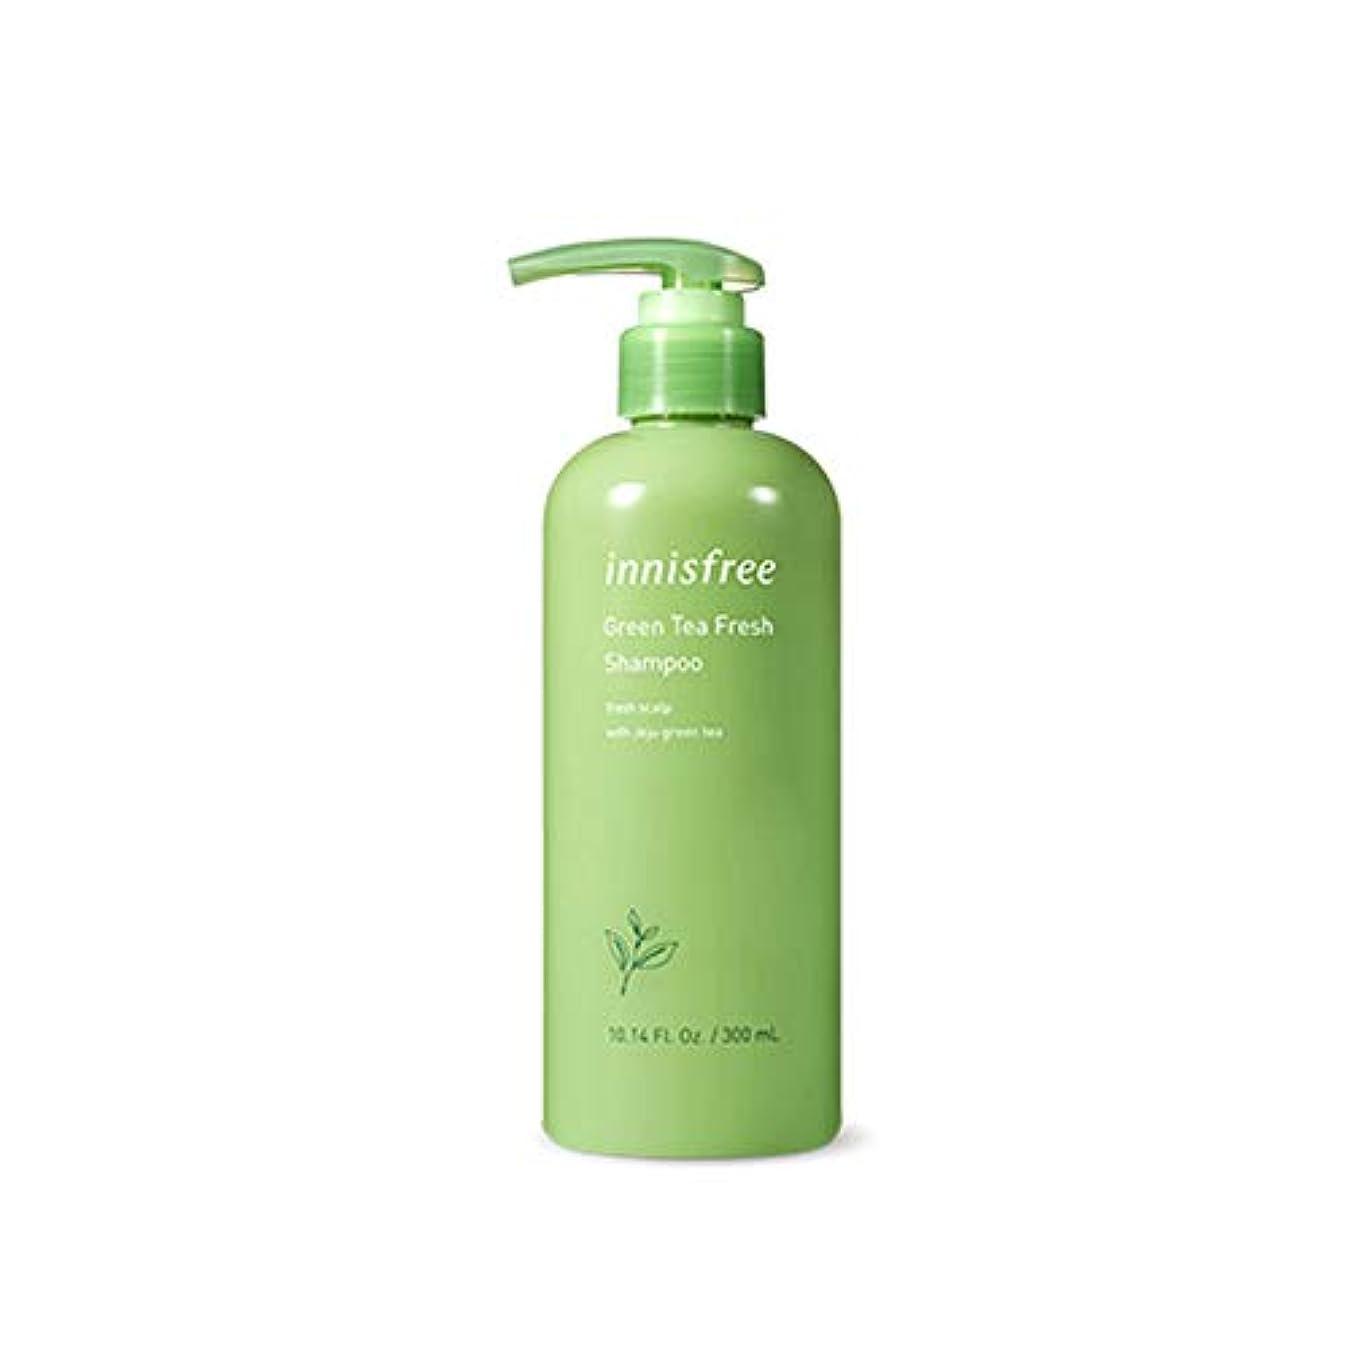 強調する洞察力のある外向きイニスフリー Innisfree 緑茶ミントフレッシュシャンプー(300ml) Innisfree Green Tea Mint Fresh Shampoo (300ml) [海外直送品]